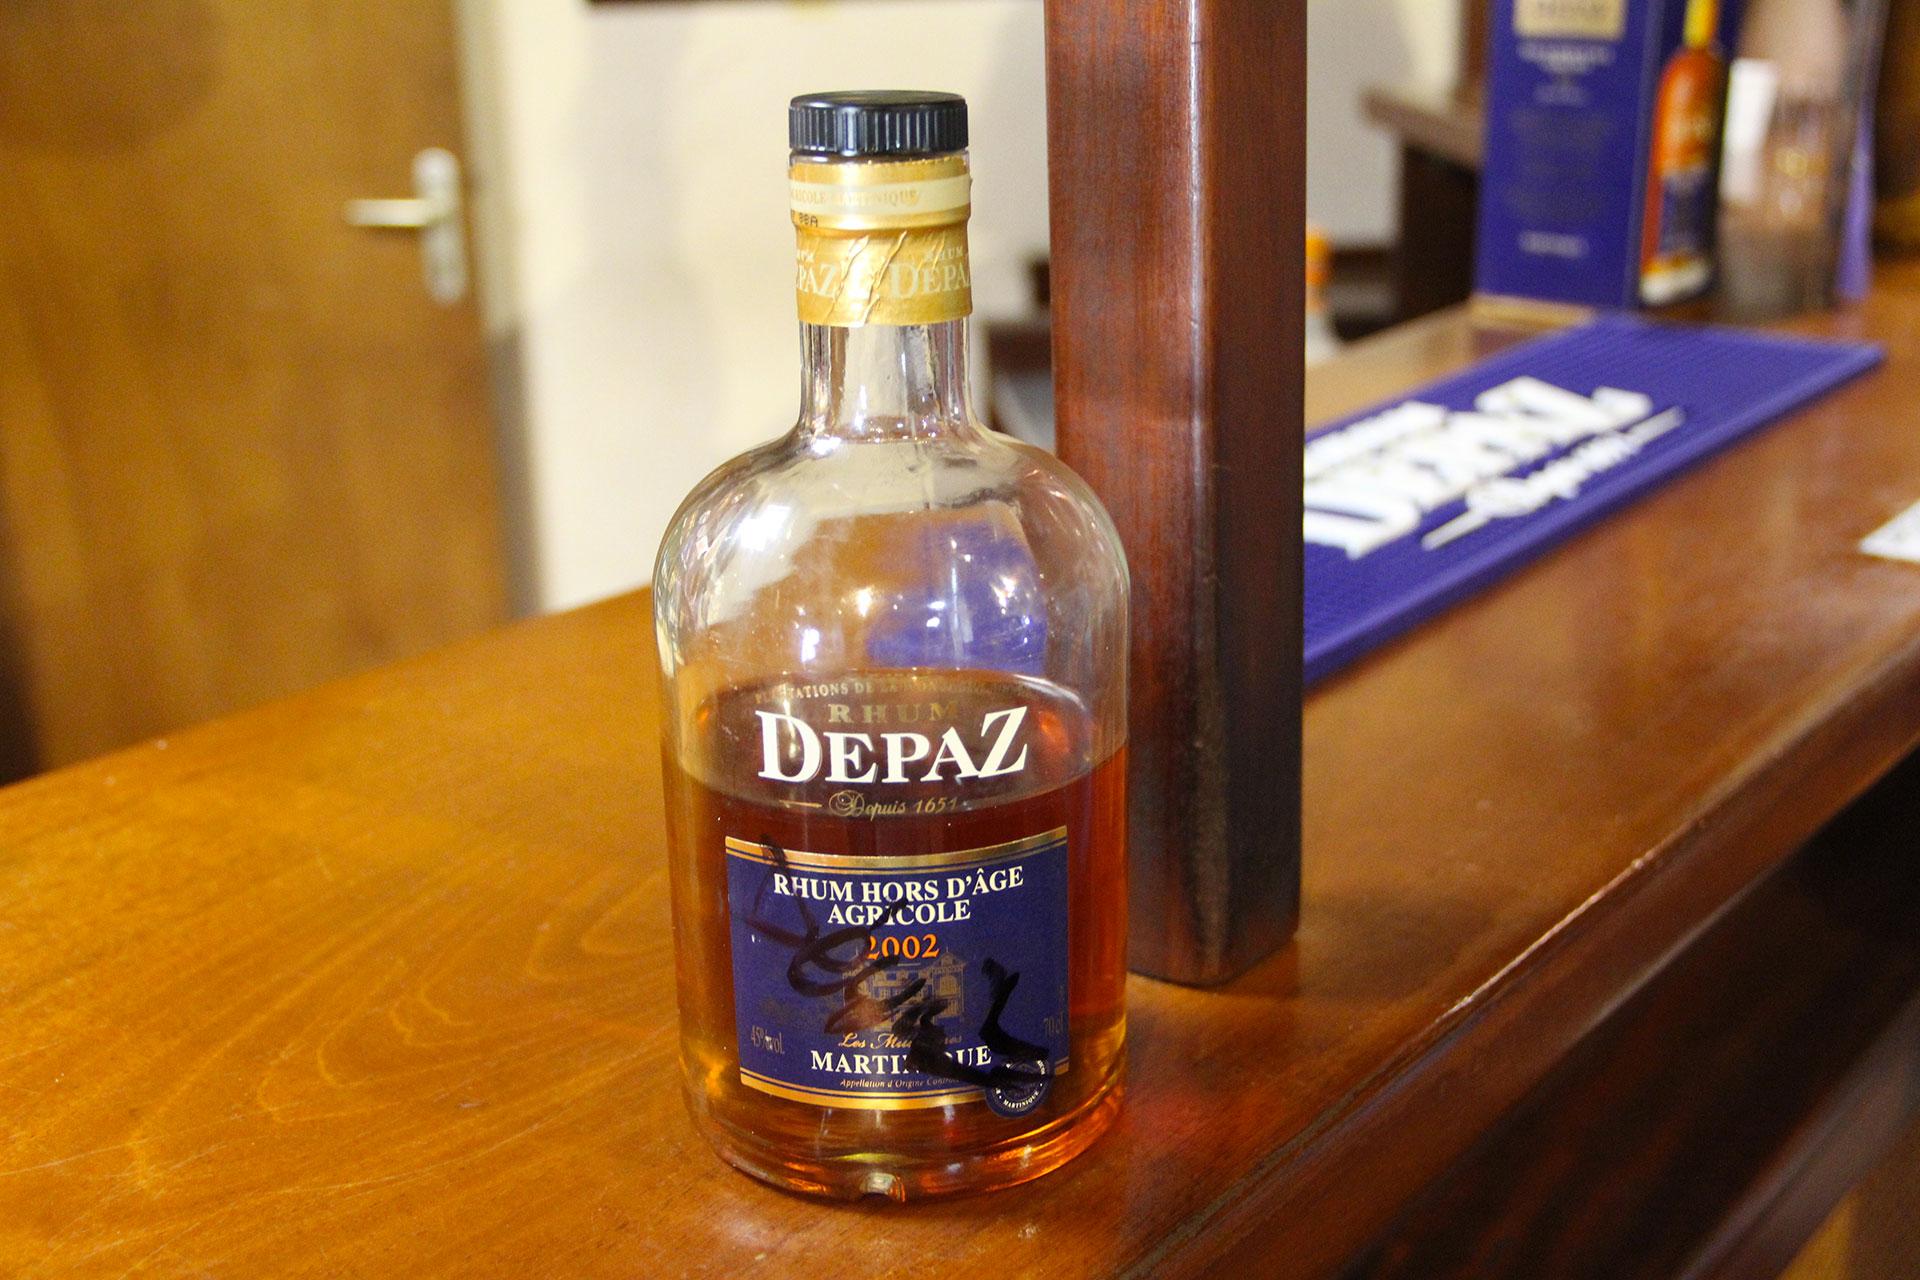 Depaz-2002